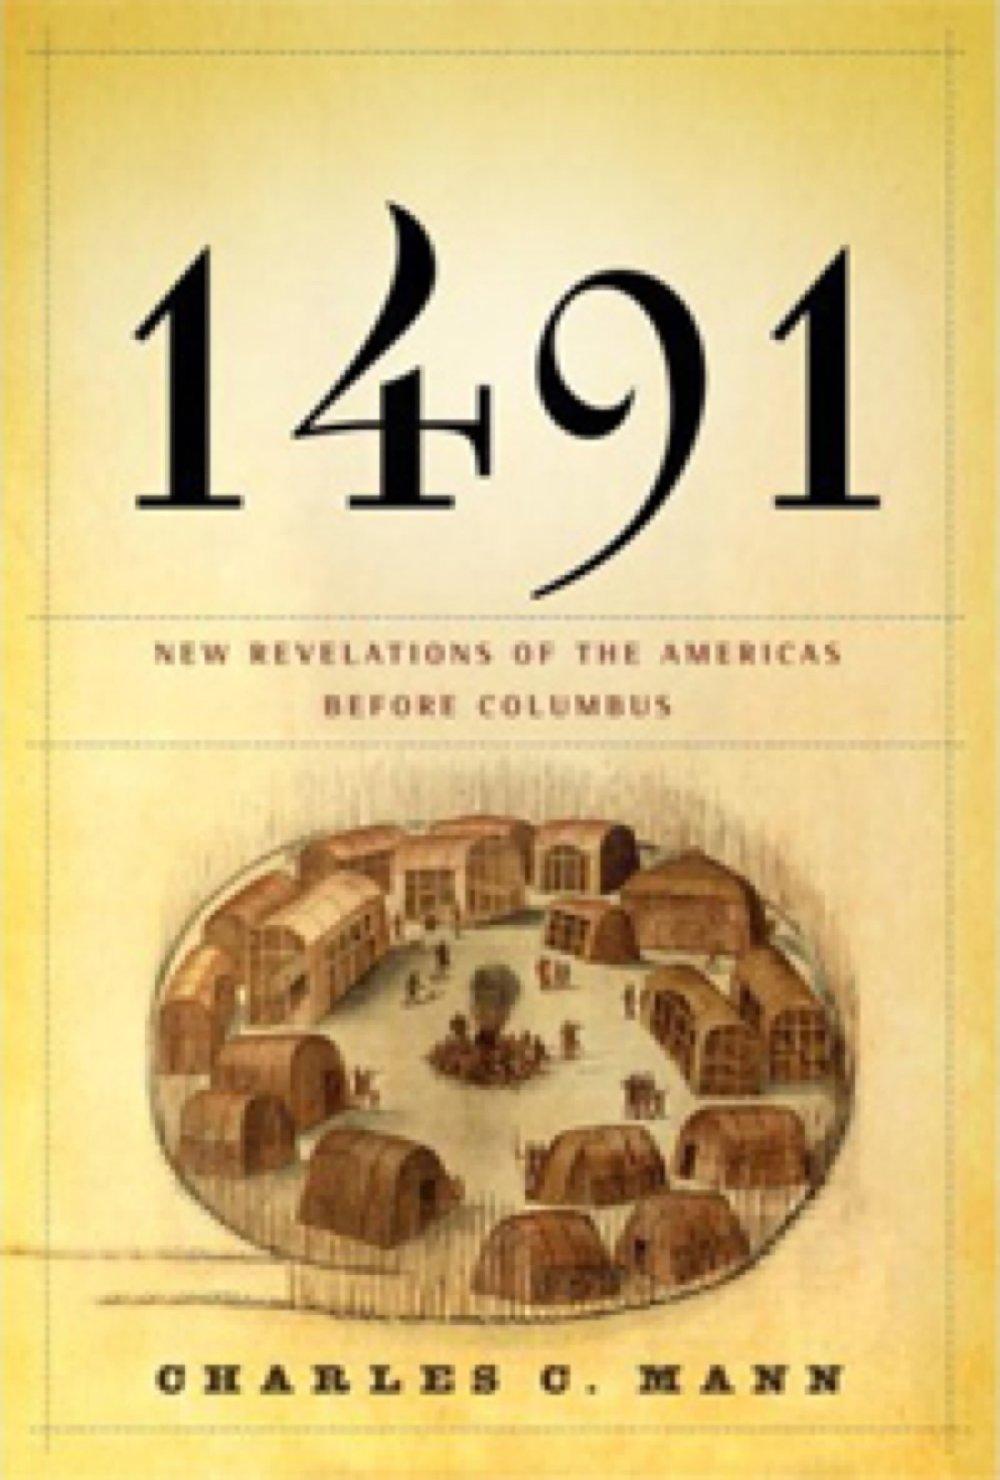 1491-cover (1920).jpg